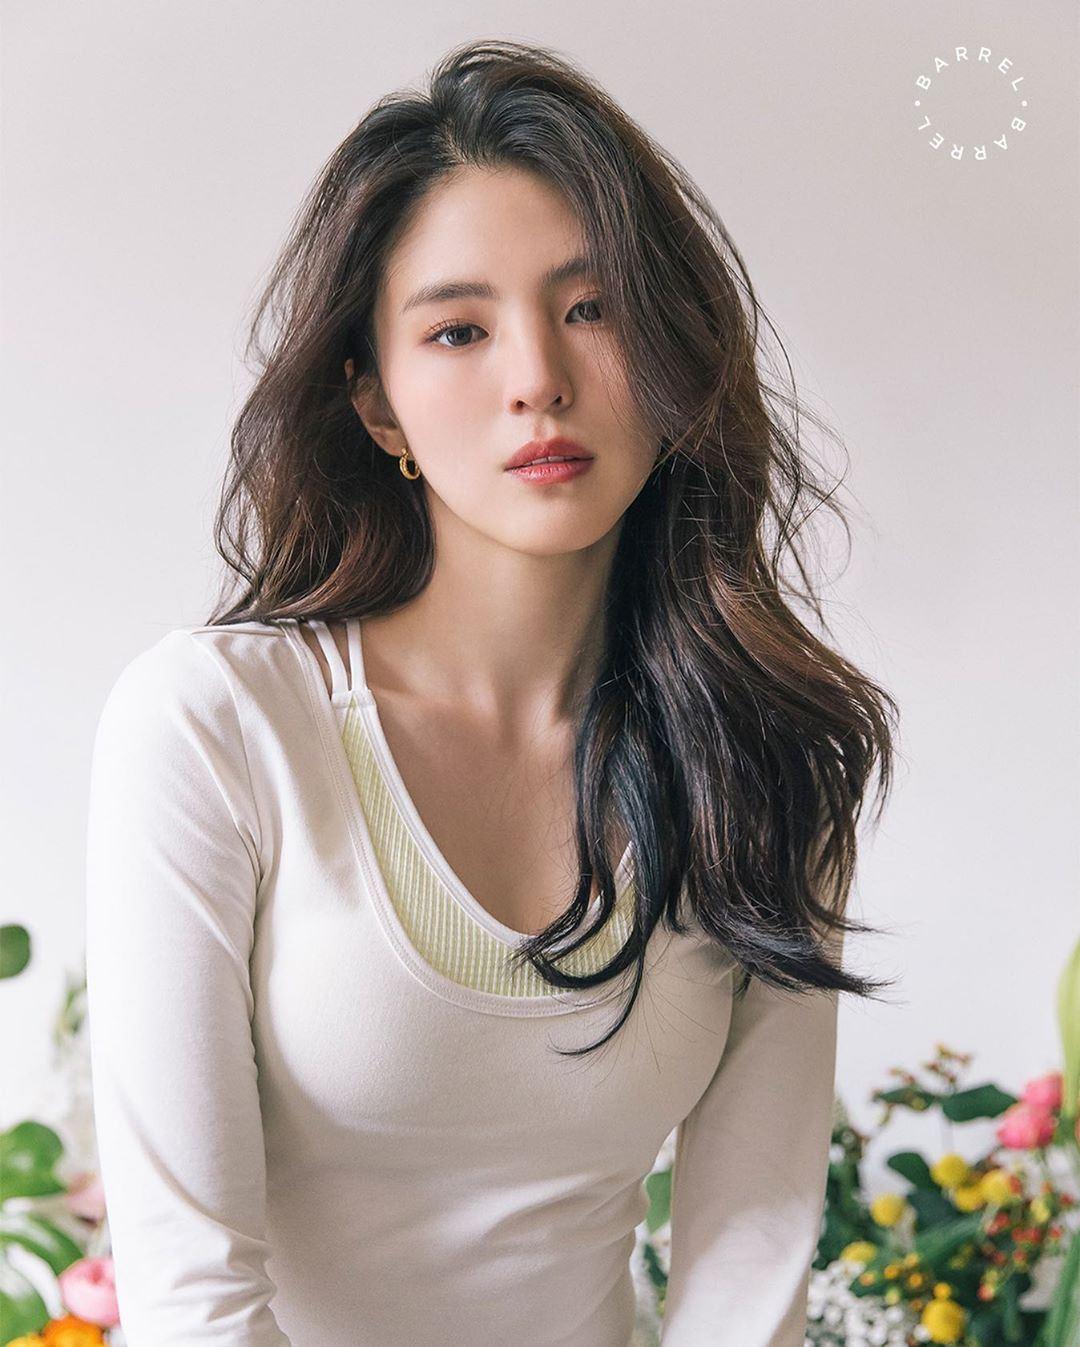 《夫妻的世界》最美「小三」韩素希成韩国广告界宠儿,穿运动小背心尽显纤腰好身材插图(4)